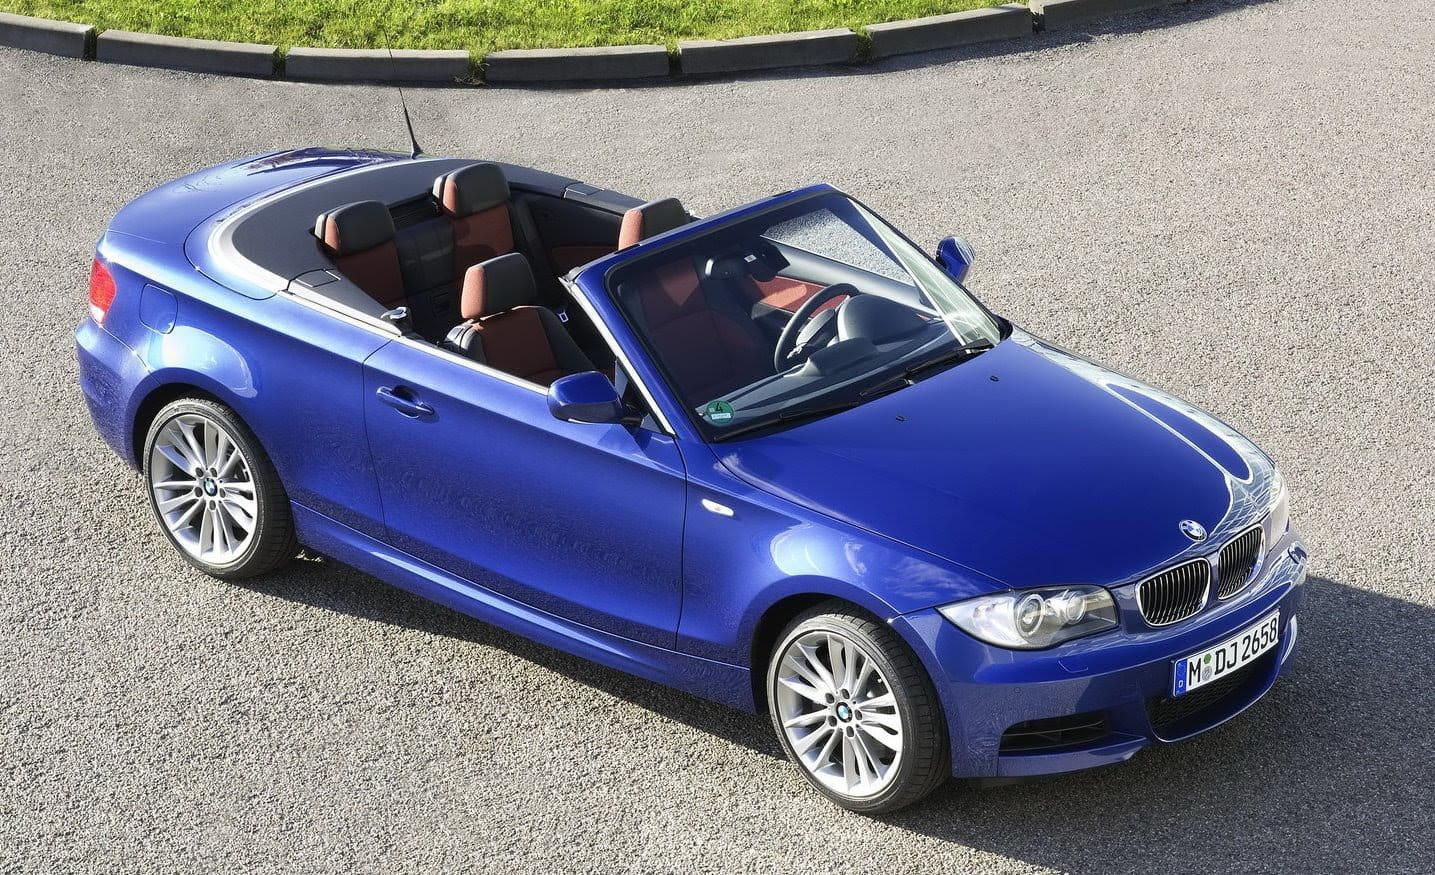 bmw serie 1 135i coup y cabriolet 2011 con nuevo motor 3. Black Bedroom Furniture Sets. Home Design Ideas